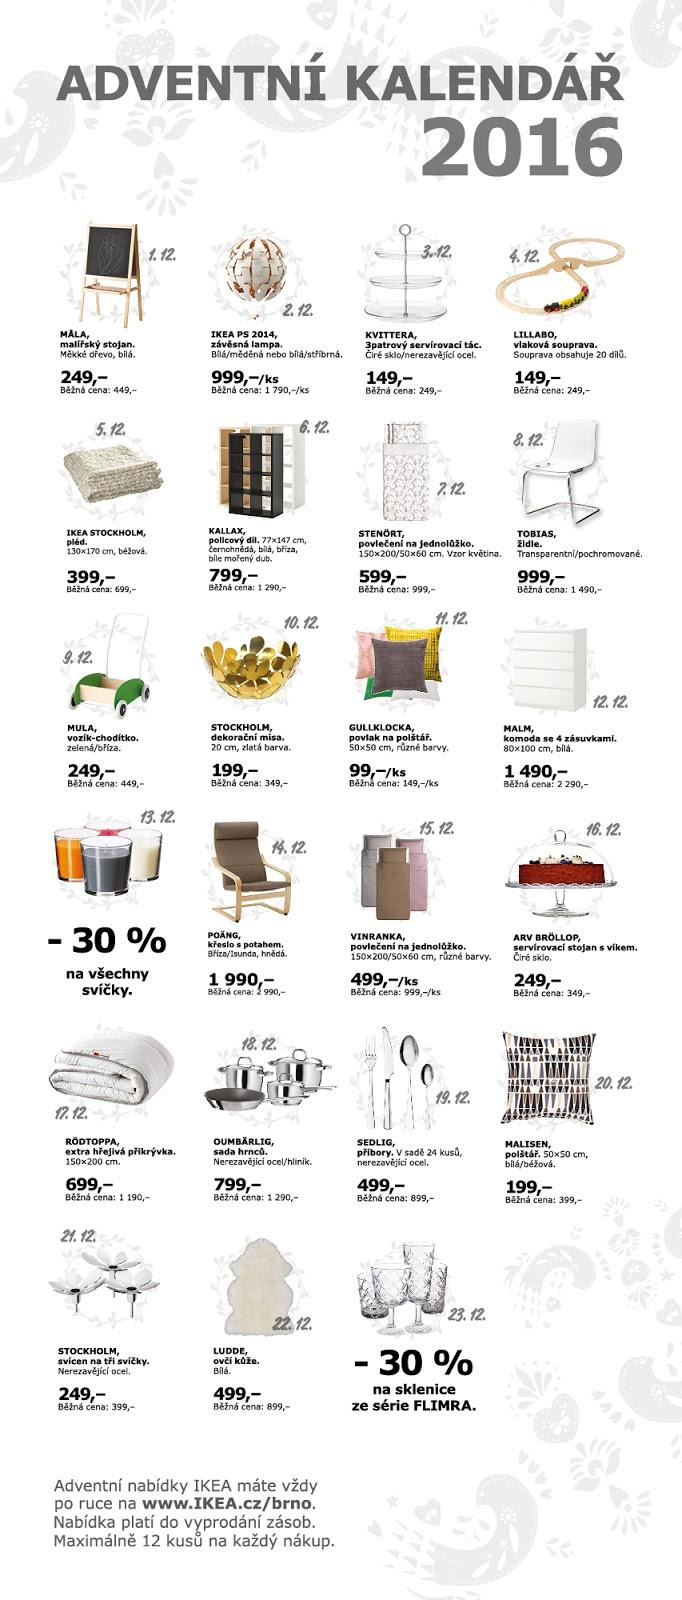 adventni kalendar ikea IKEA adventní kalendář Brno | Wanillka adventni kalendar ikea